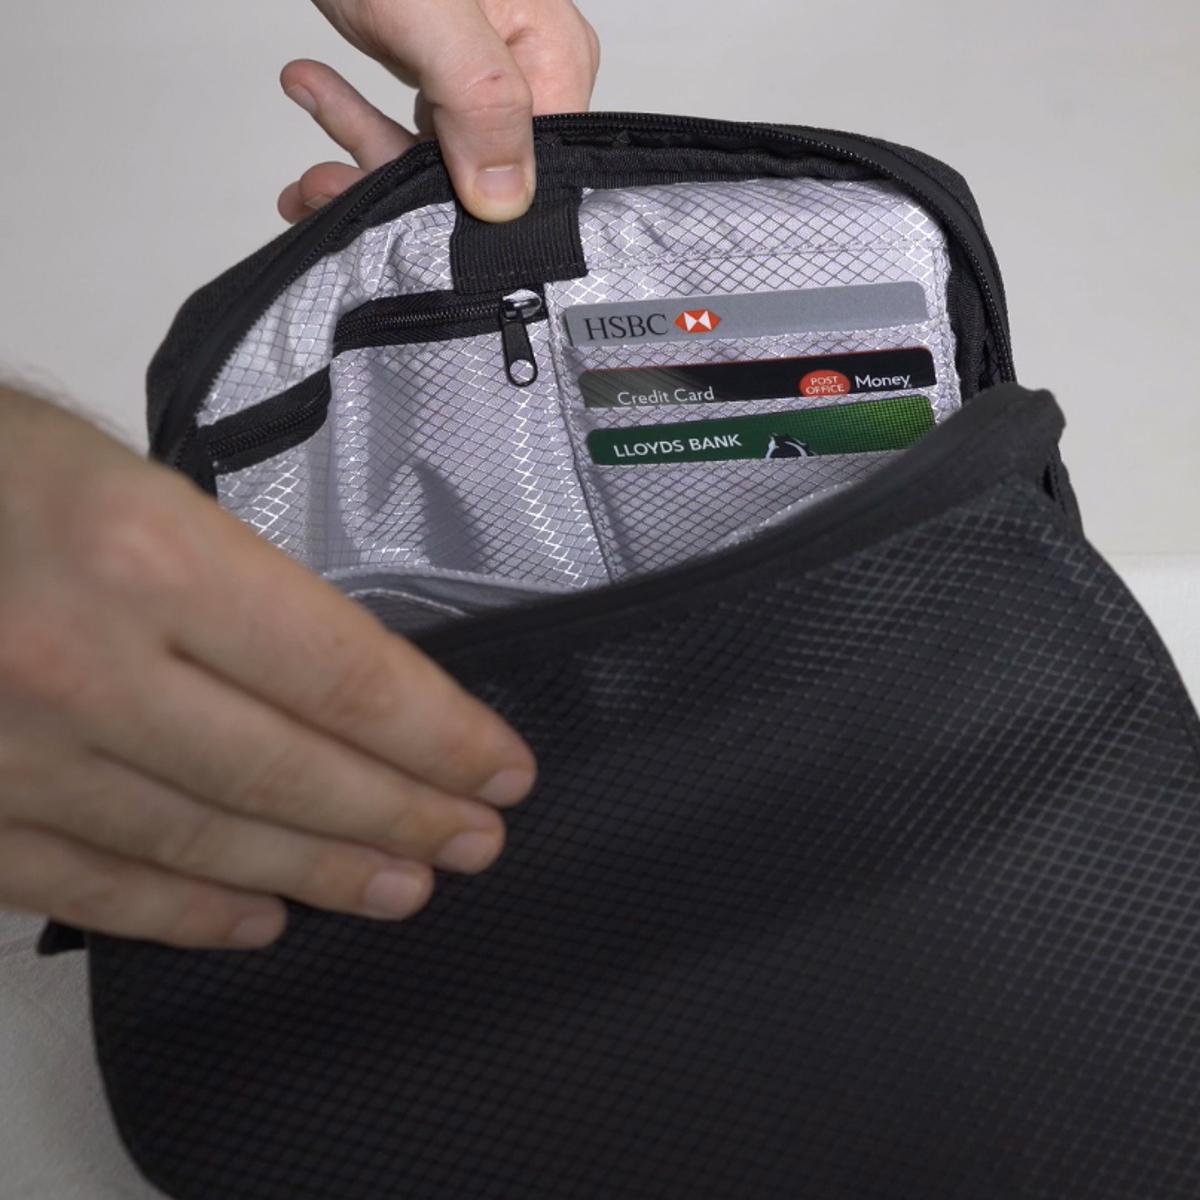 『着る財布』で、心地いい移動を|体にフィットする薄さ4cm、紙幣・カードをそのまま収納できるボディバッグ型財布 | Code 10 / Bodywallet